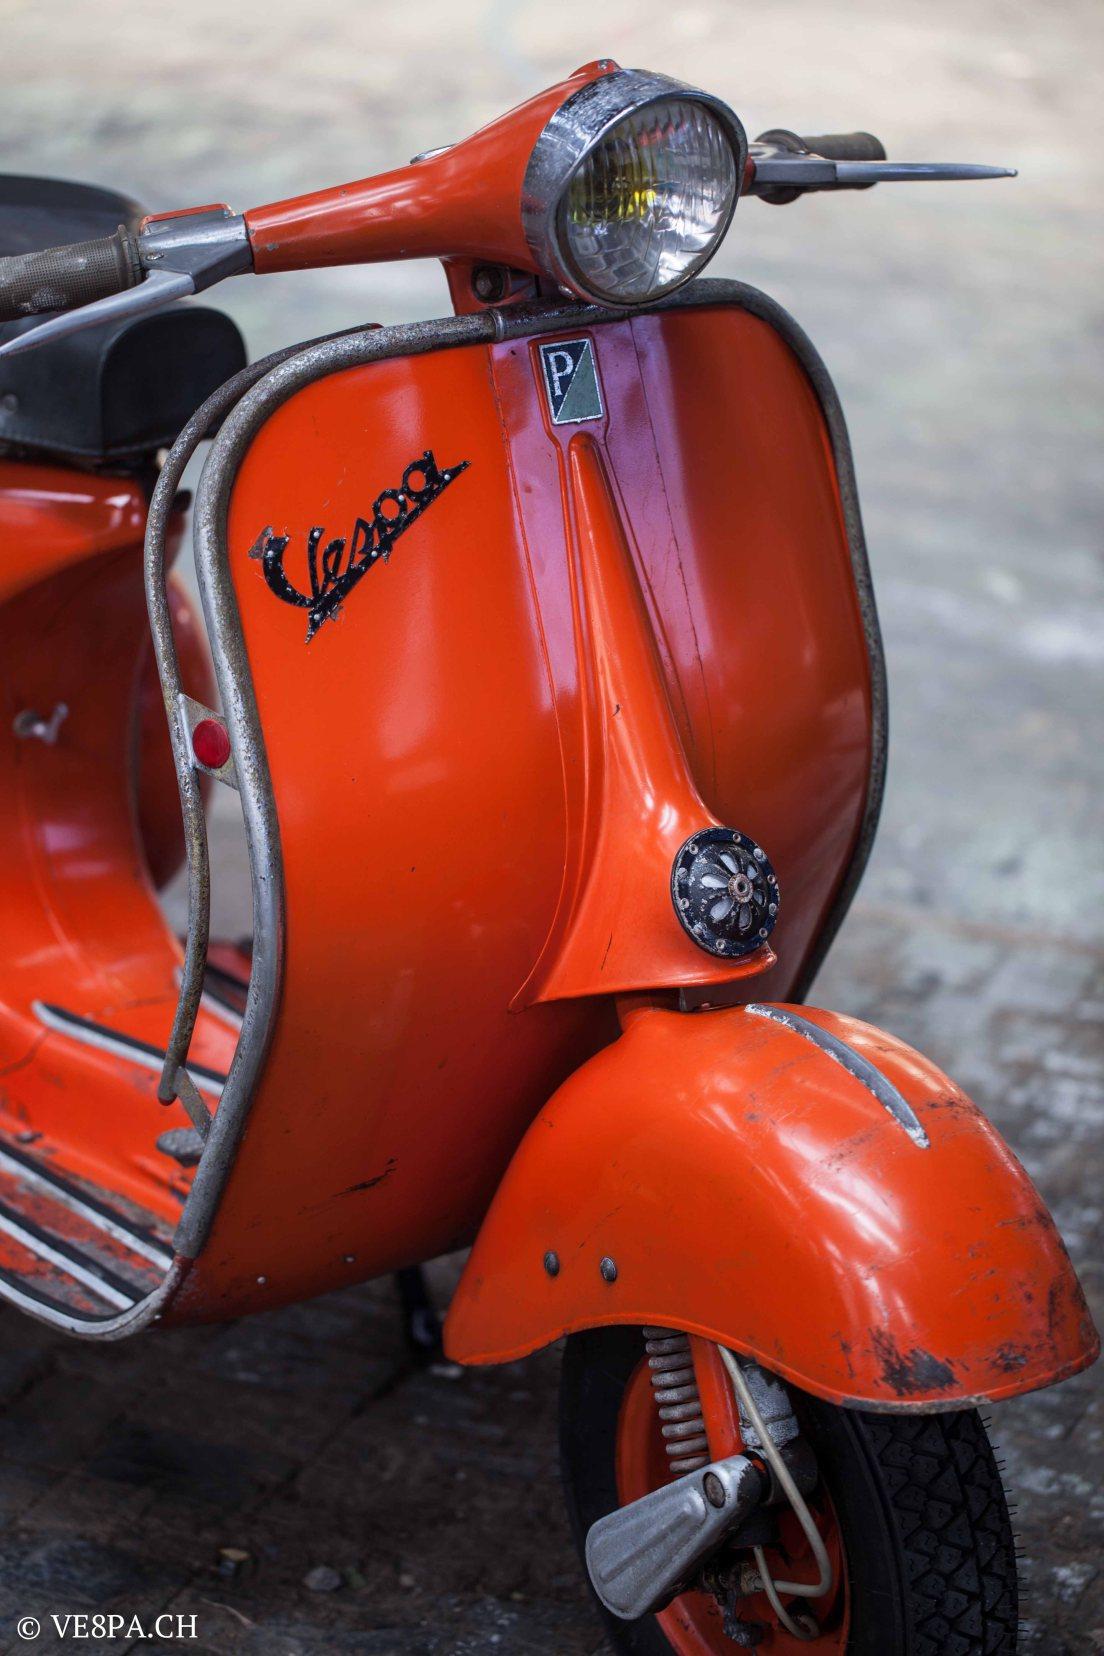 Vespa ACMA Typ N, 1960, 9535 KM, O-Lack, www.VE8PA.CH-52